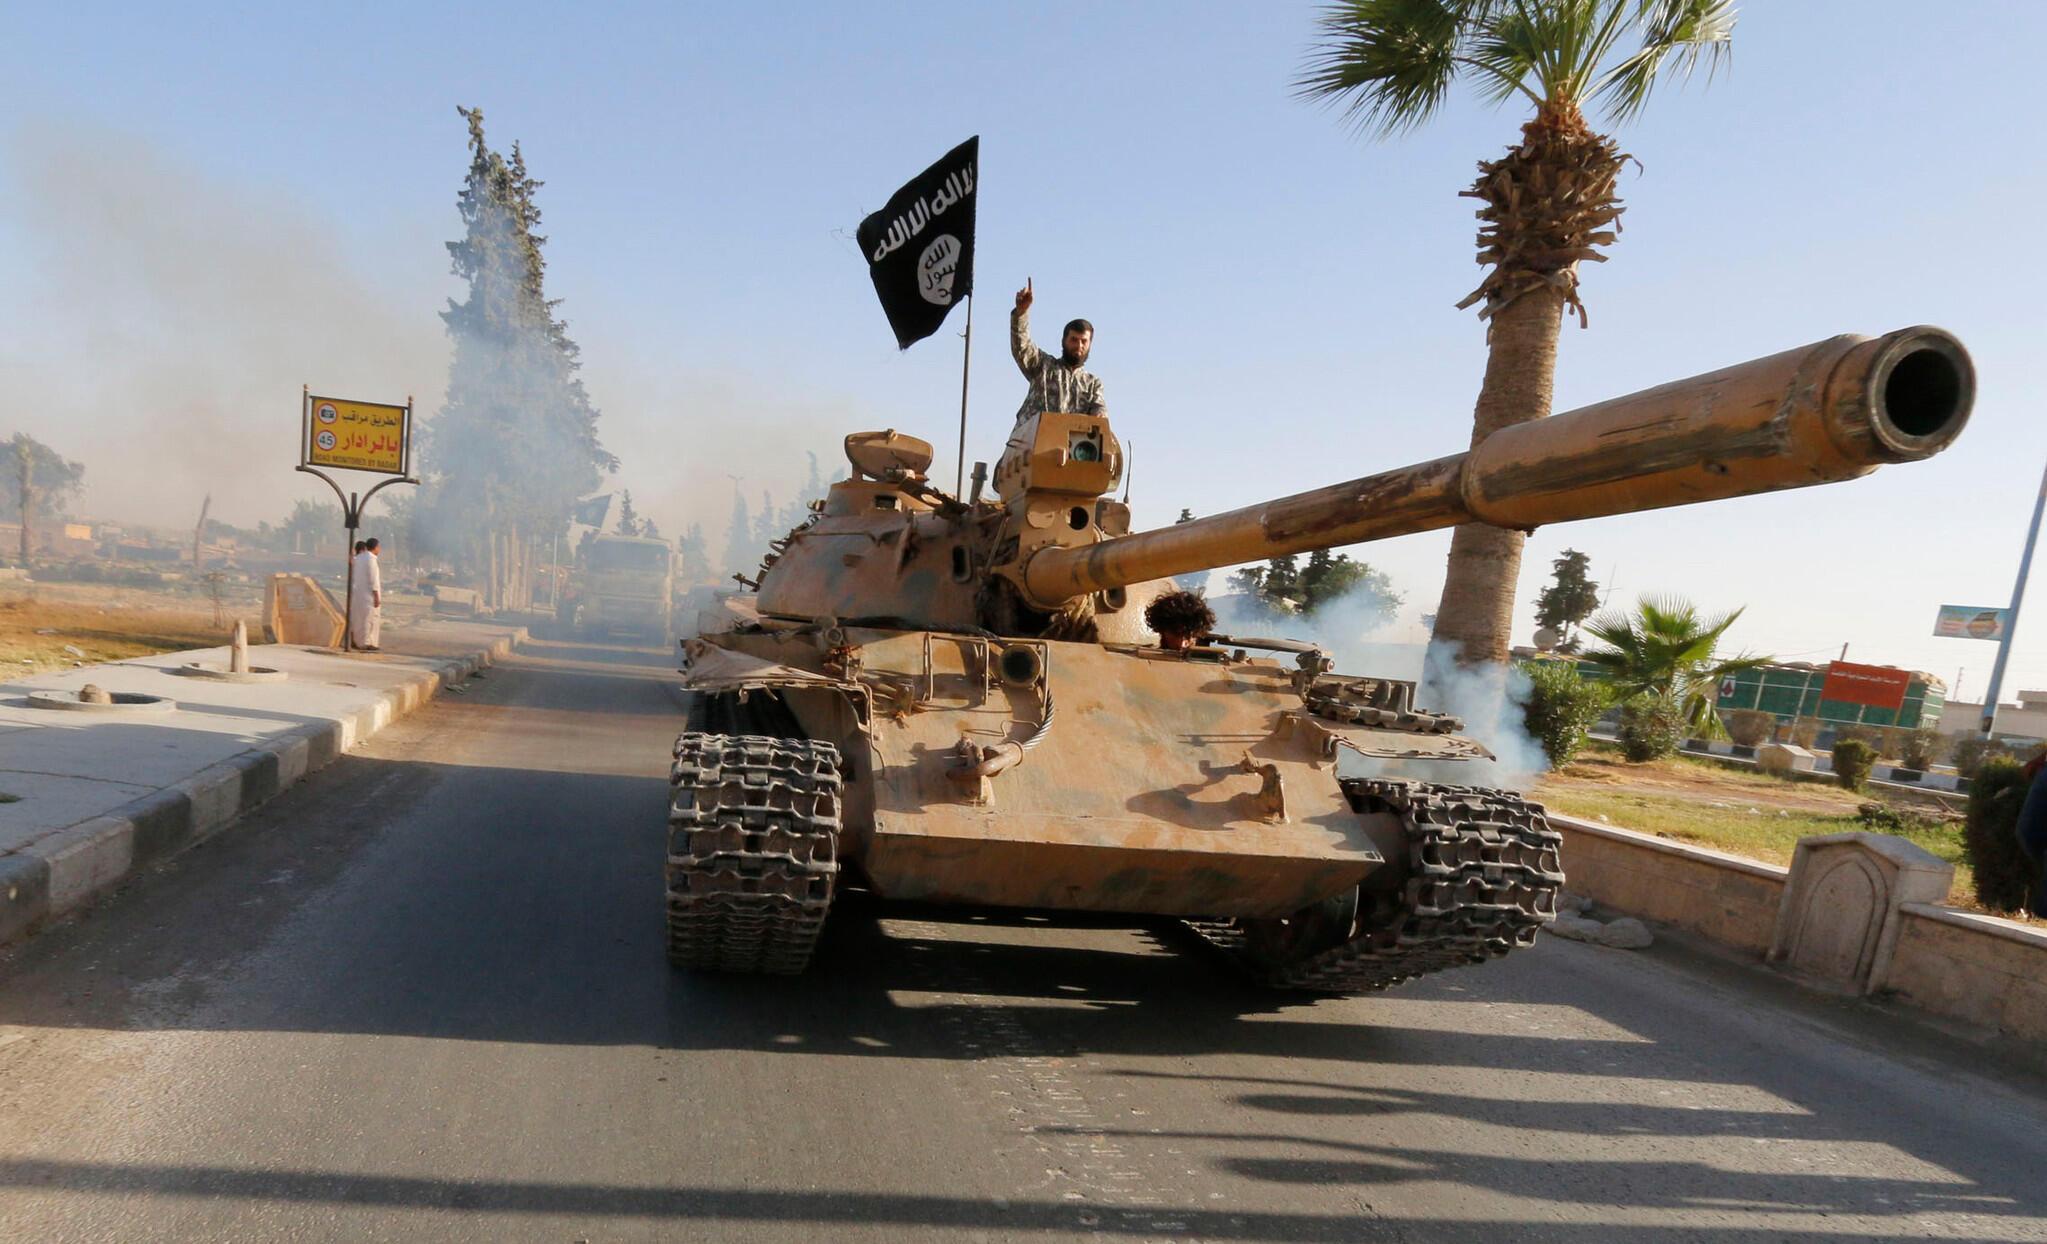 Джихадист в районе города Эр-Ракка, сирийского «бастиона» террористической группировки ИГ.